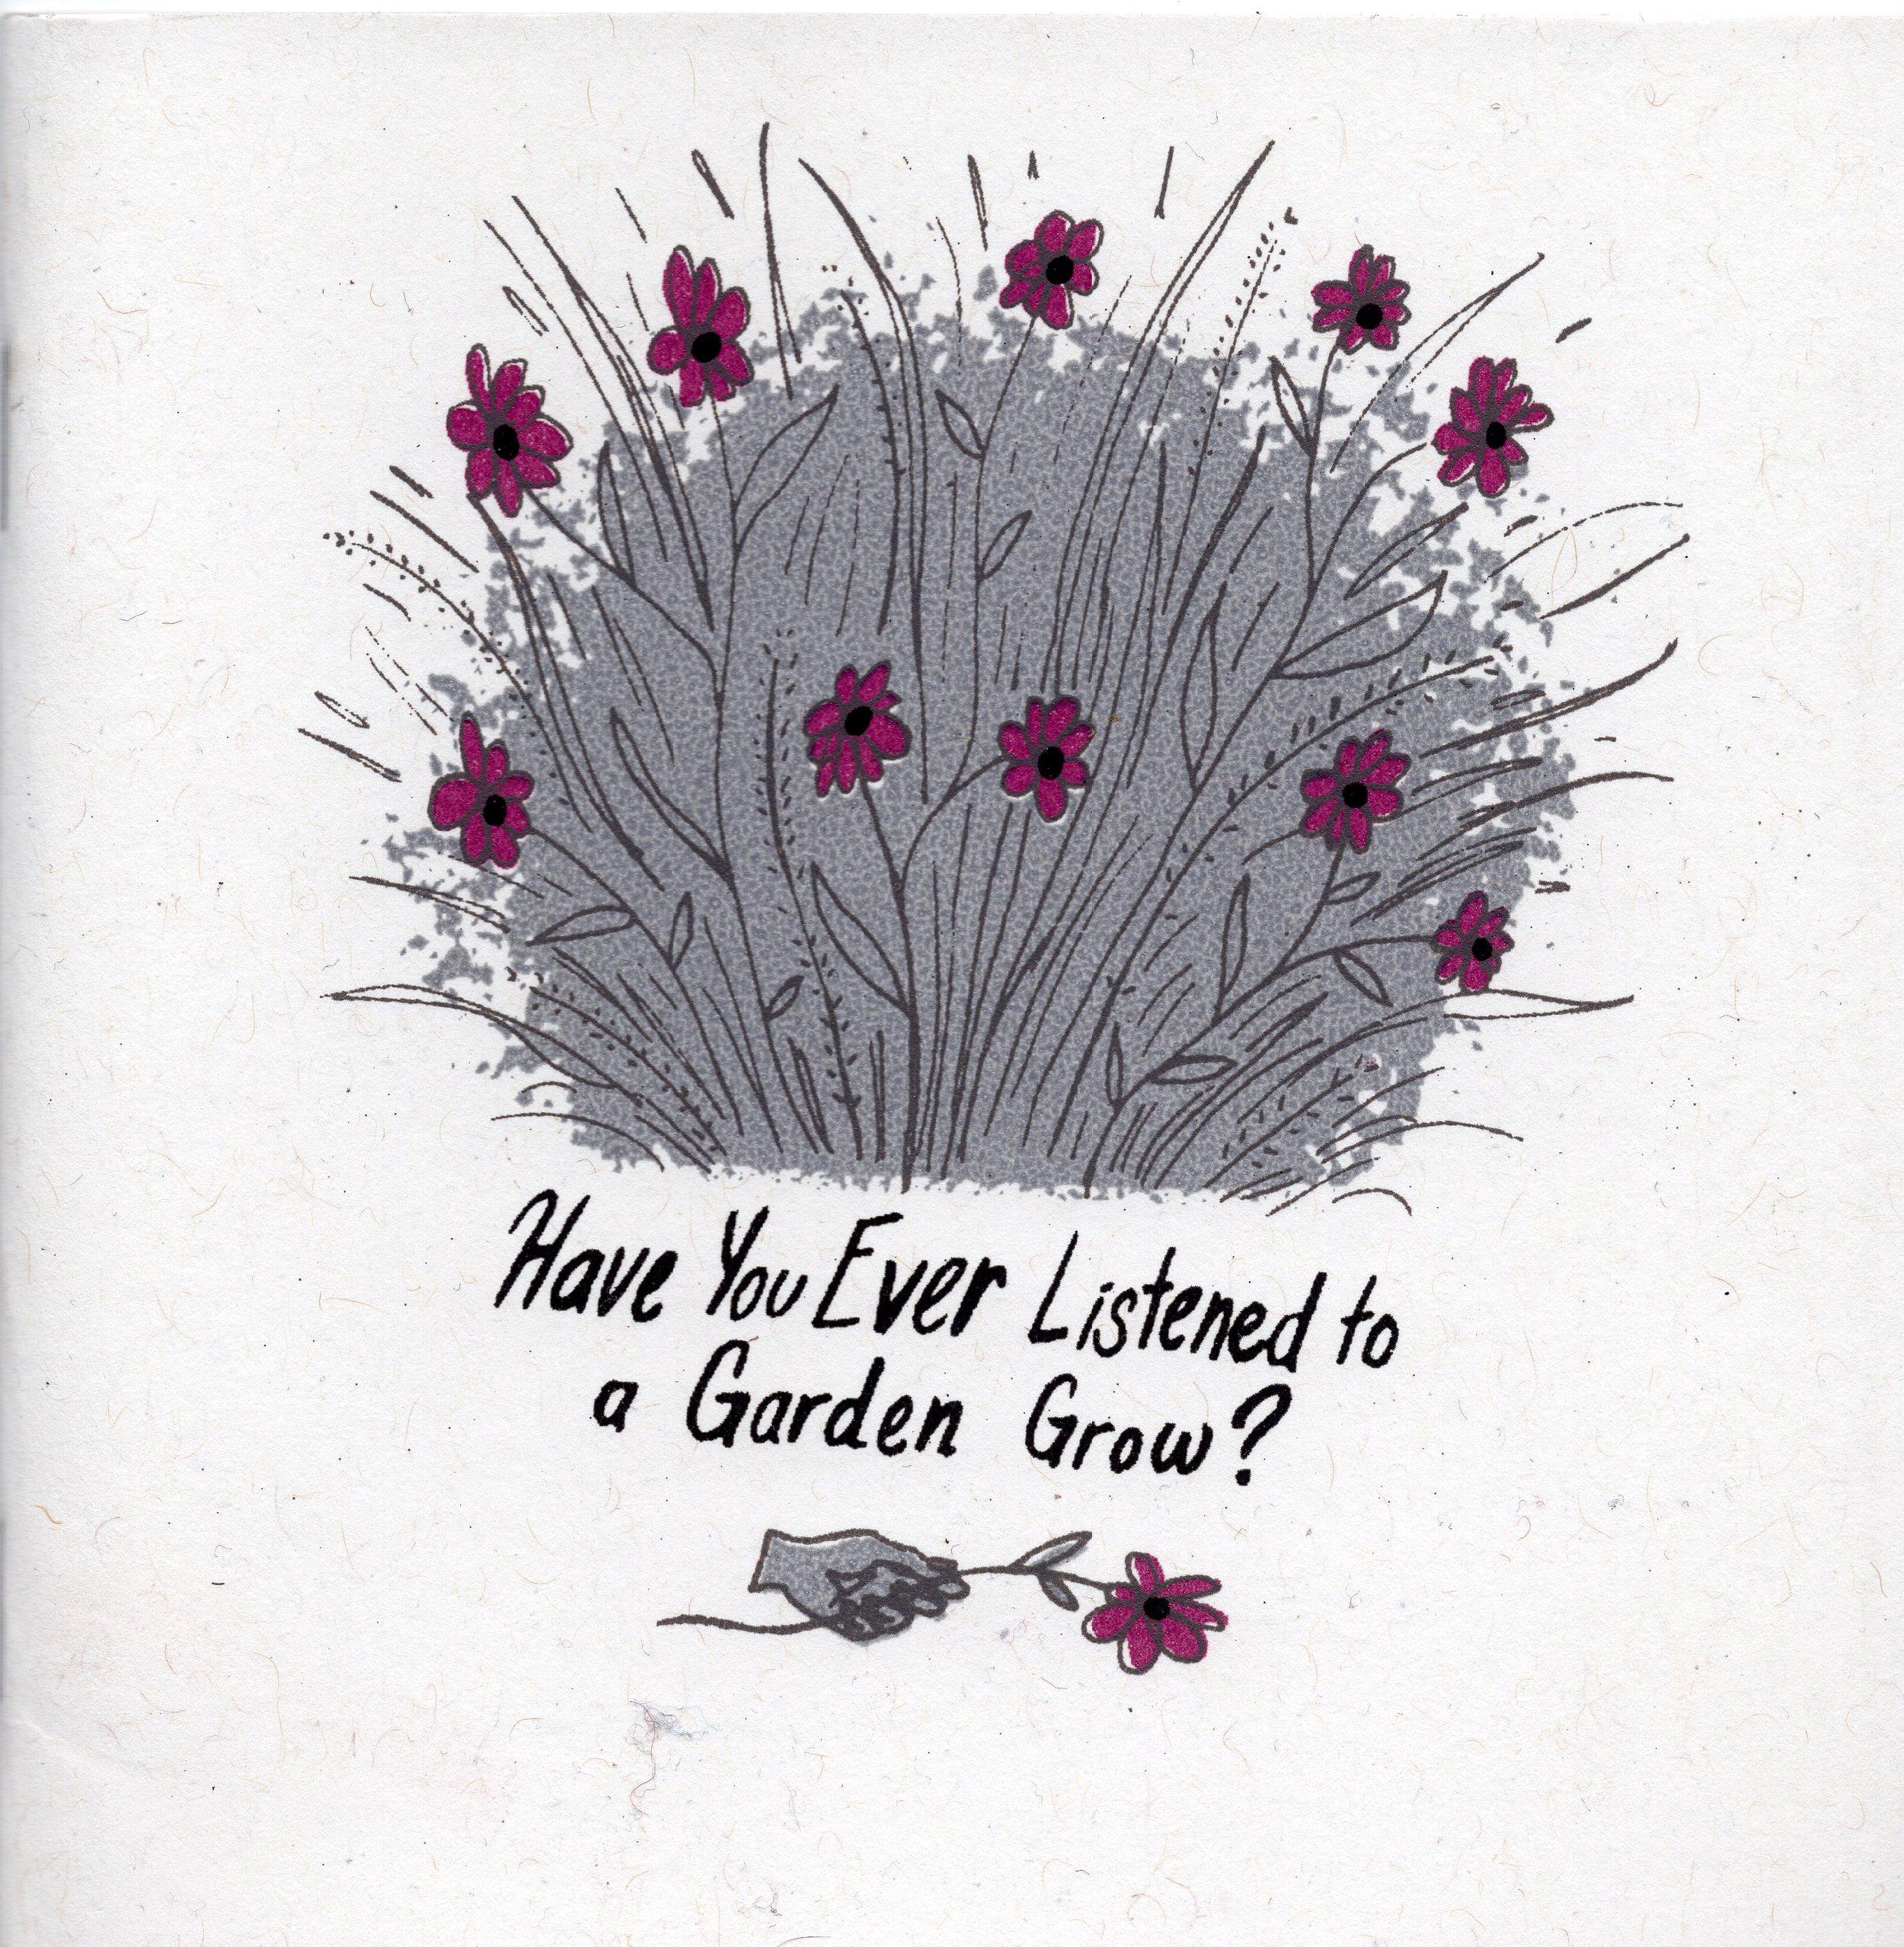 gardencover006.jpg